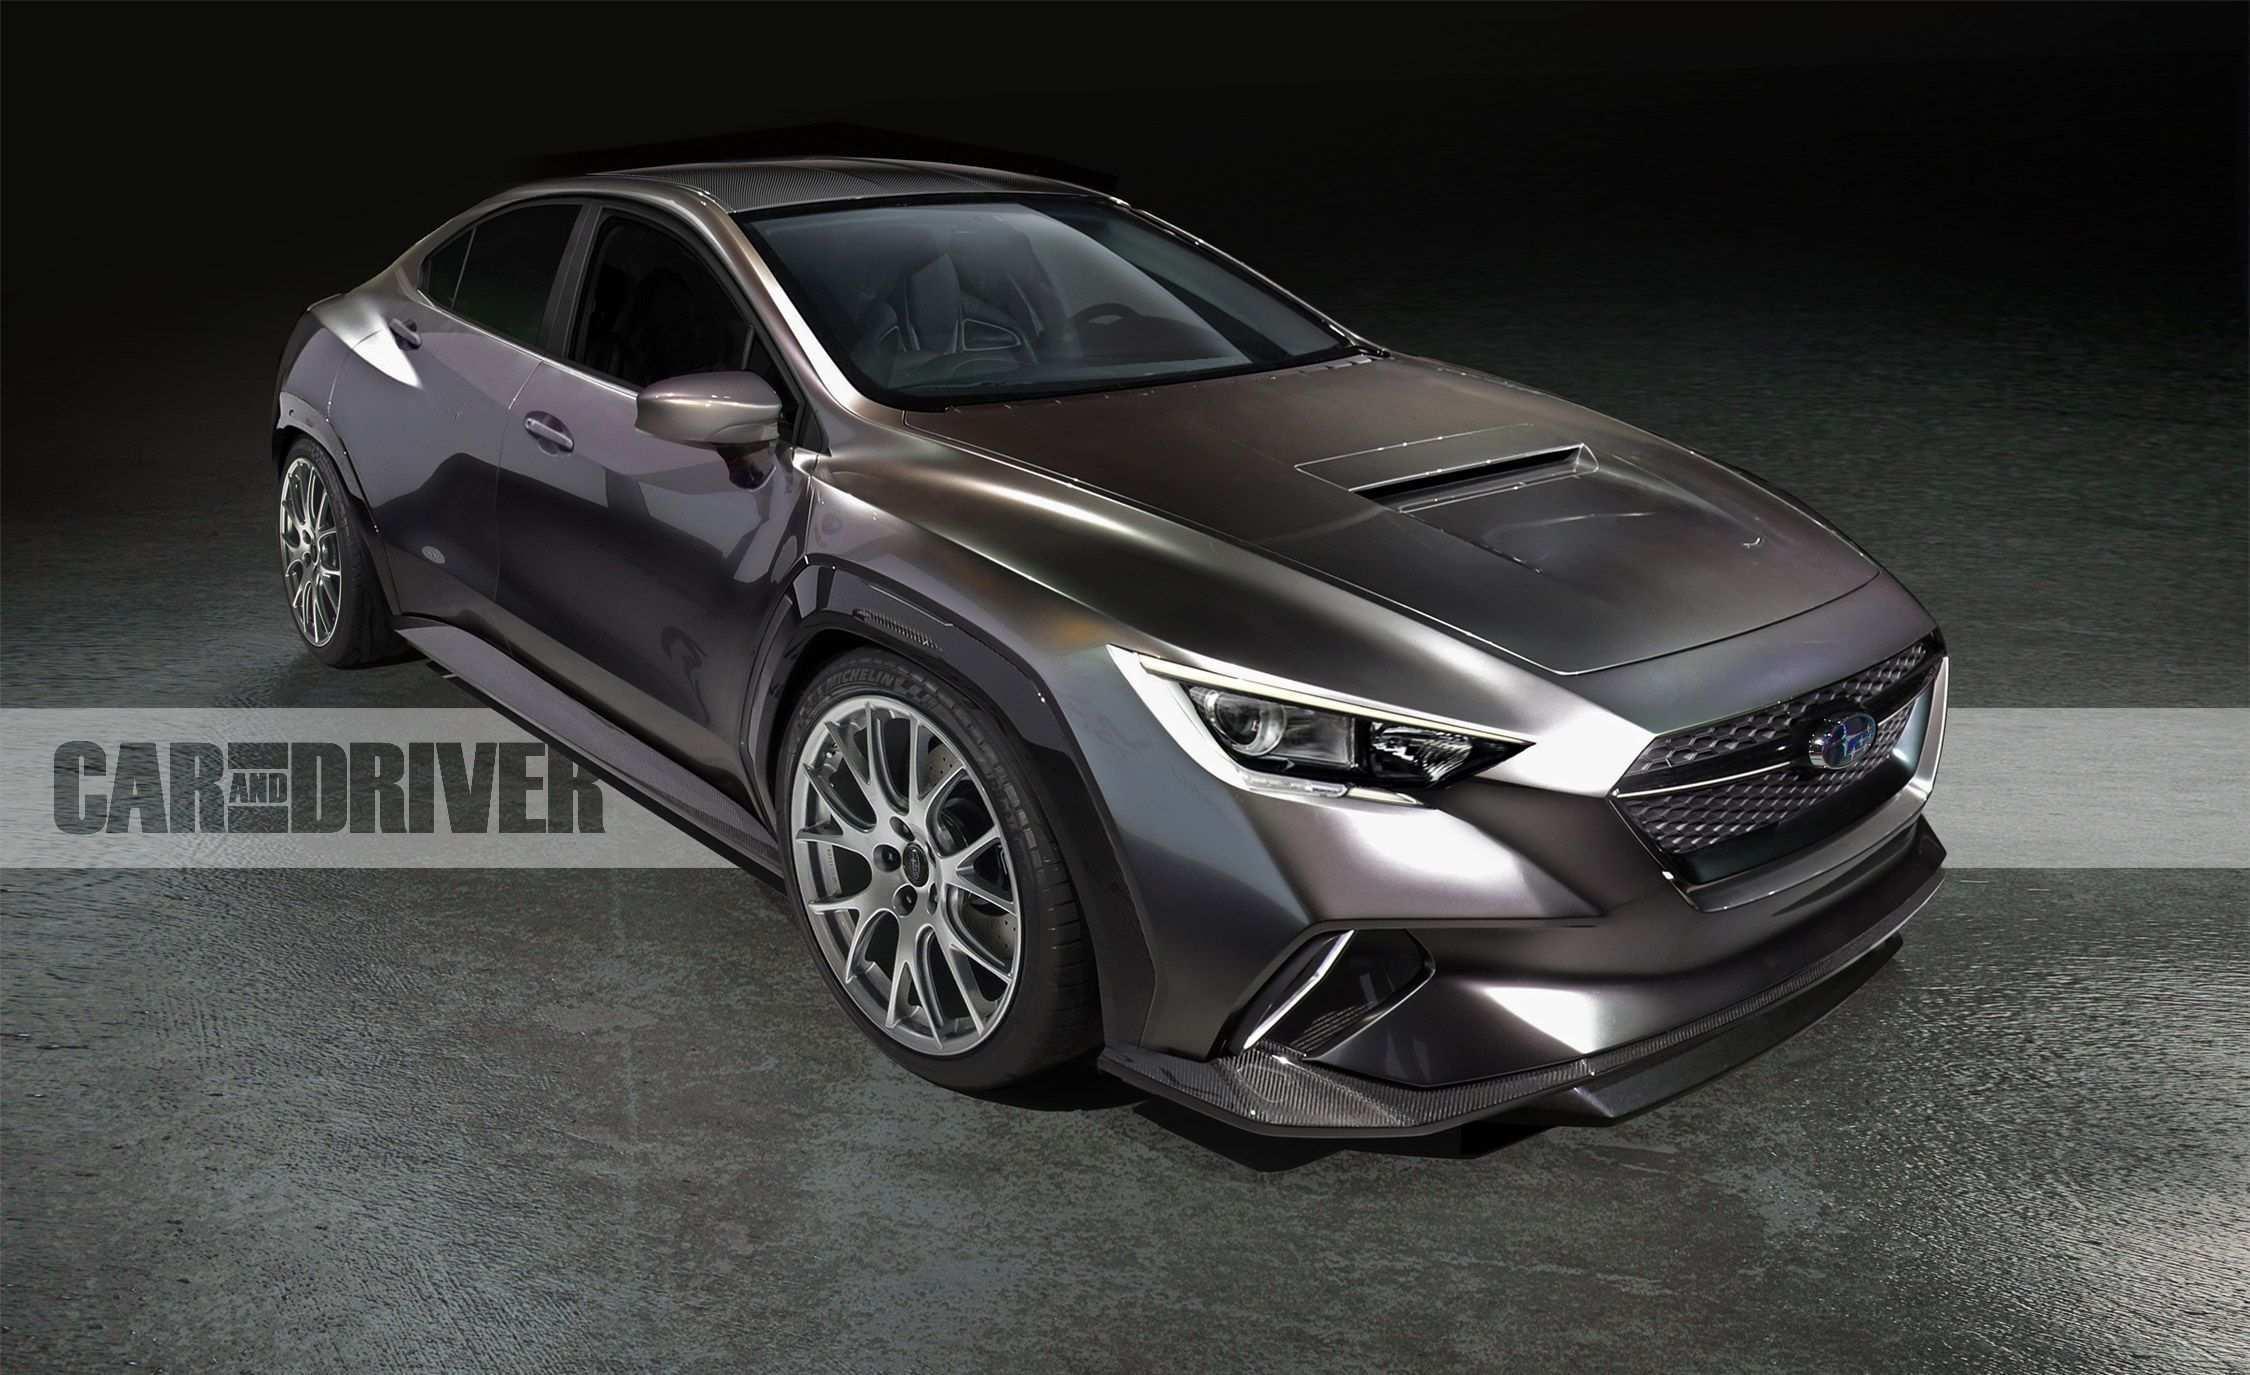 41 The 2020 Subaru Sti Rumors Pricing with 2020 Subaru Sti Rumors